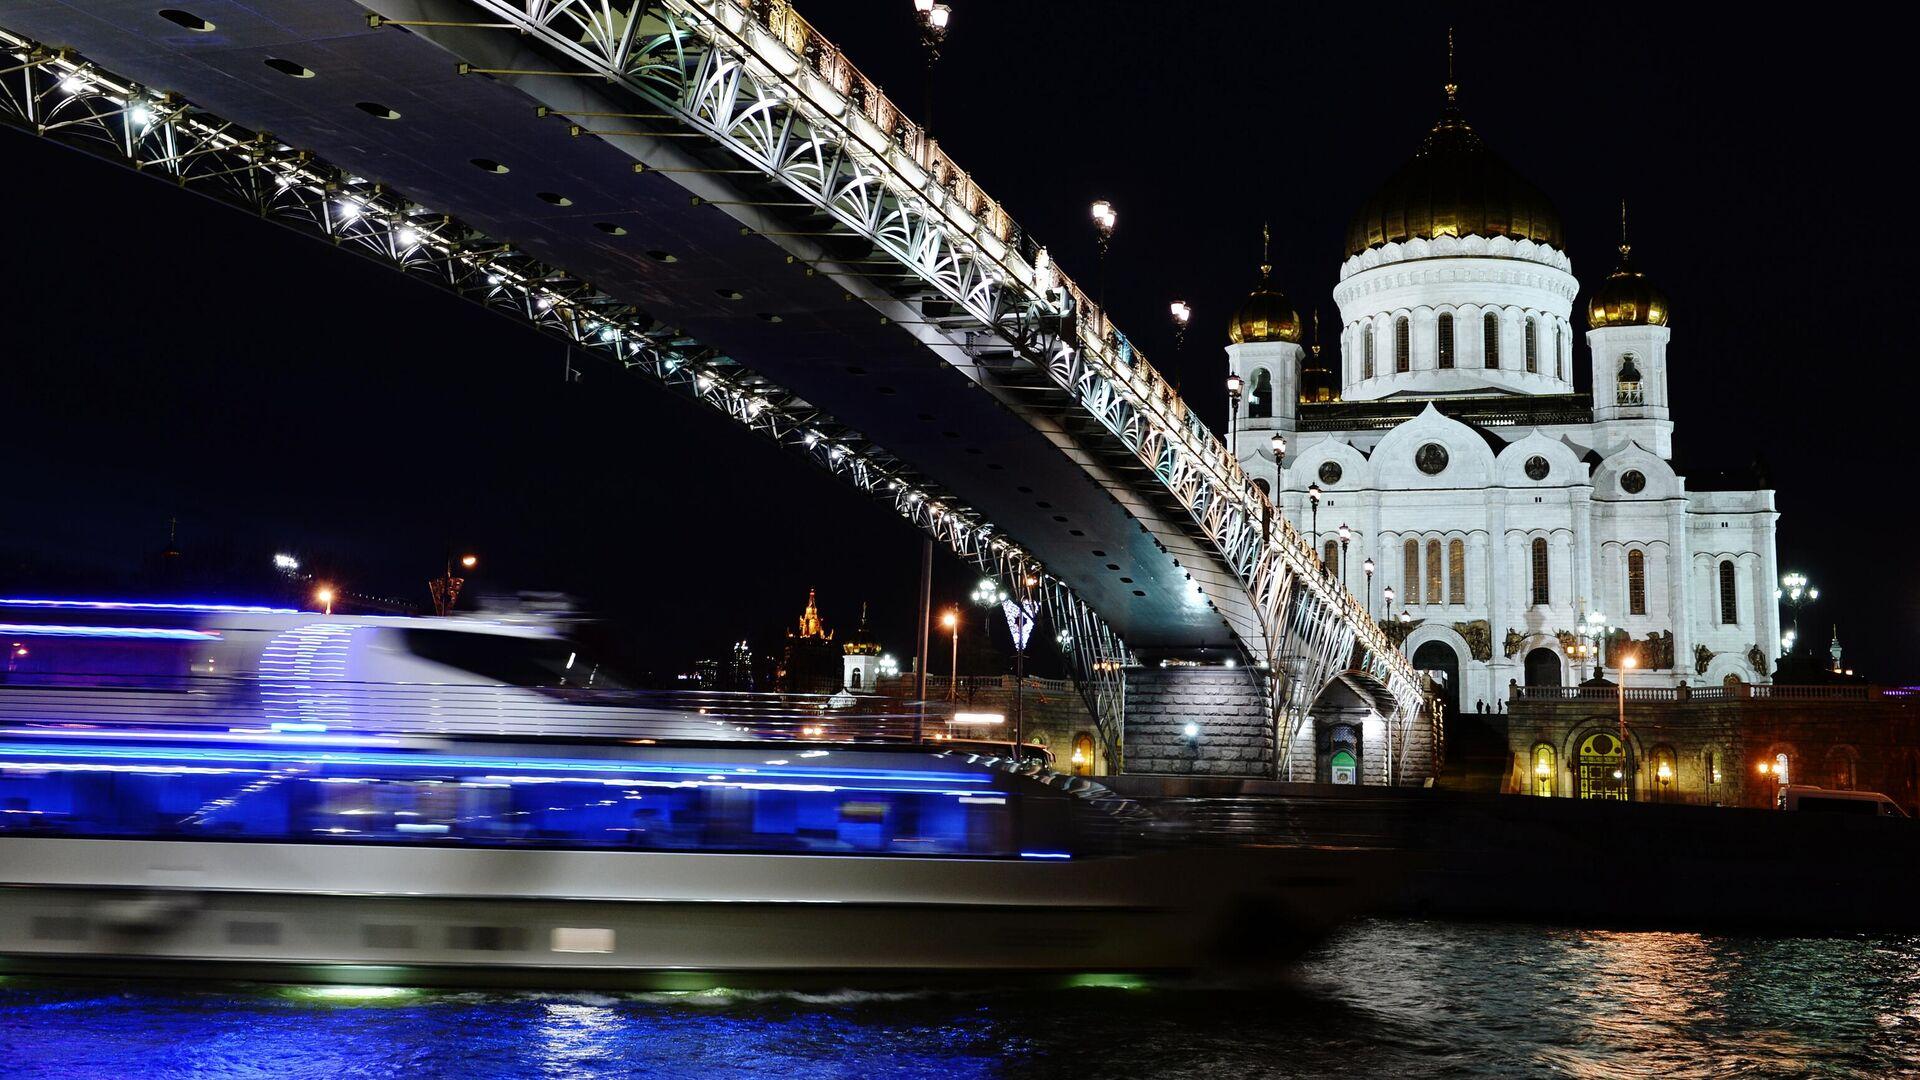 Патриарший мост в Москве - РИА Новости, 1920, 01.08.2021